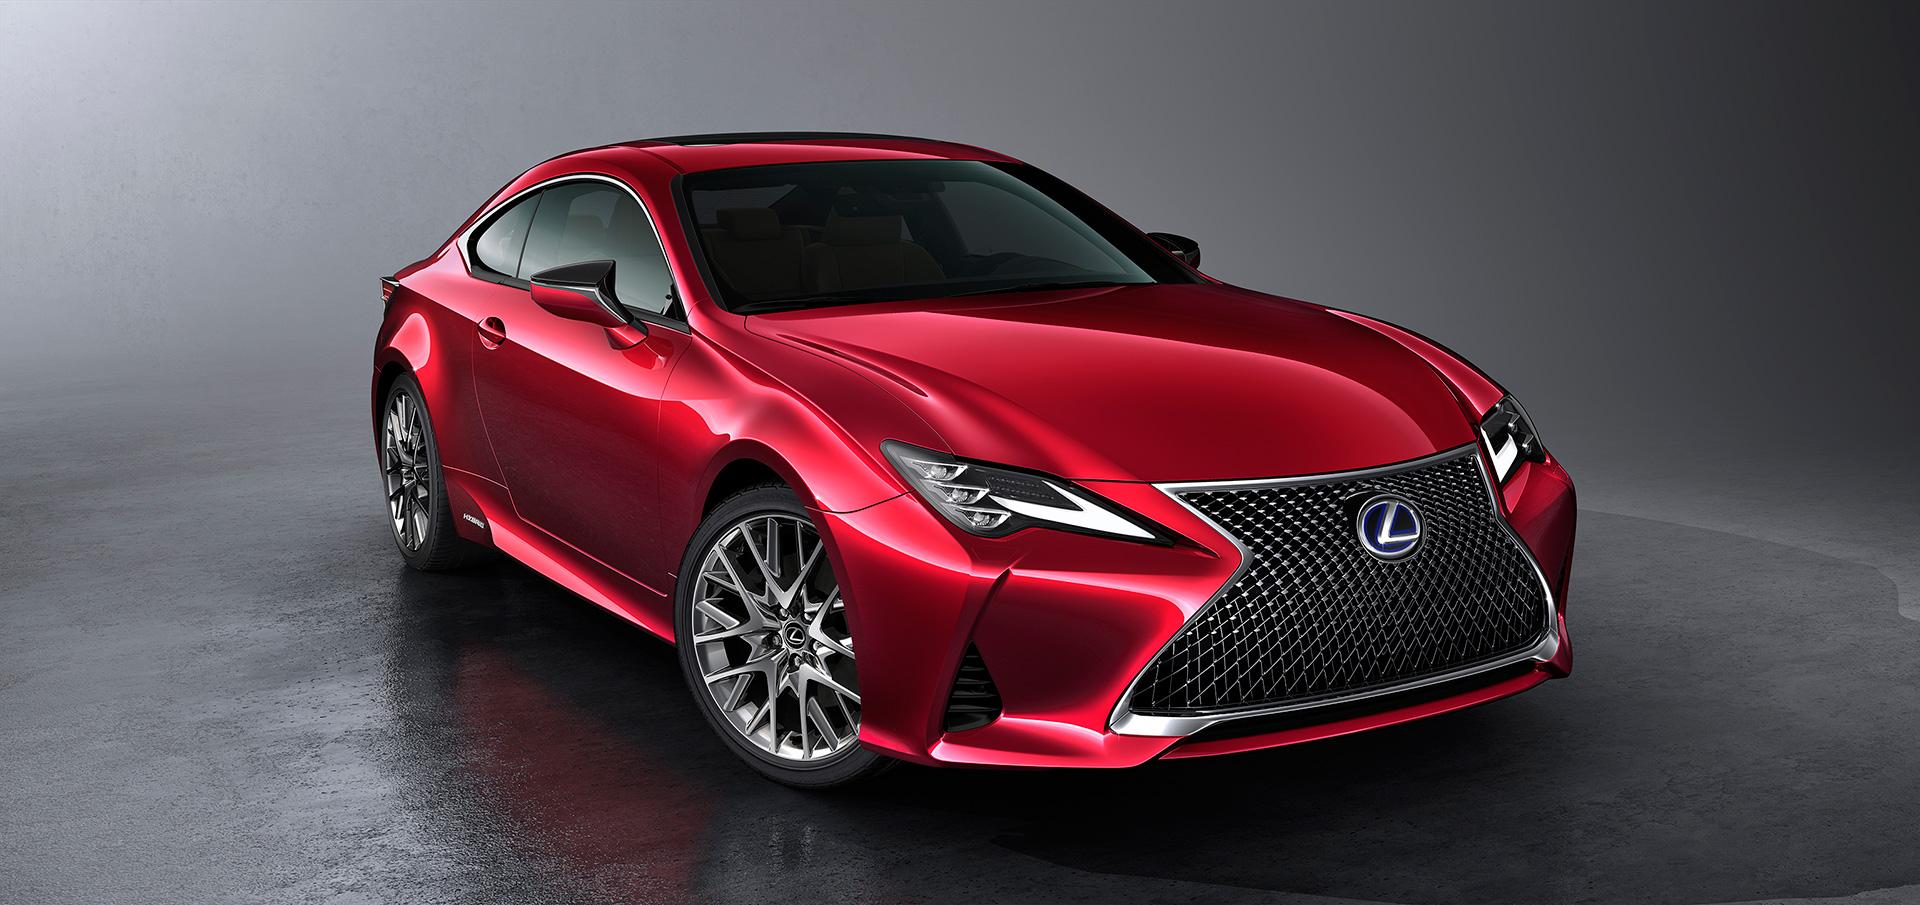 「【新車】レクサスRCがマイナーチェンジ。LC譲りのエレガントな外観と高い走行性能を獲得」の9枚目の画像